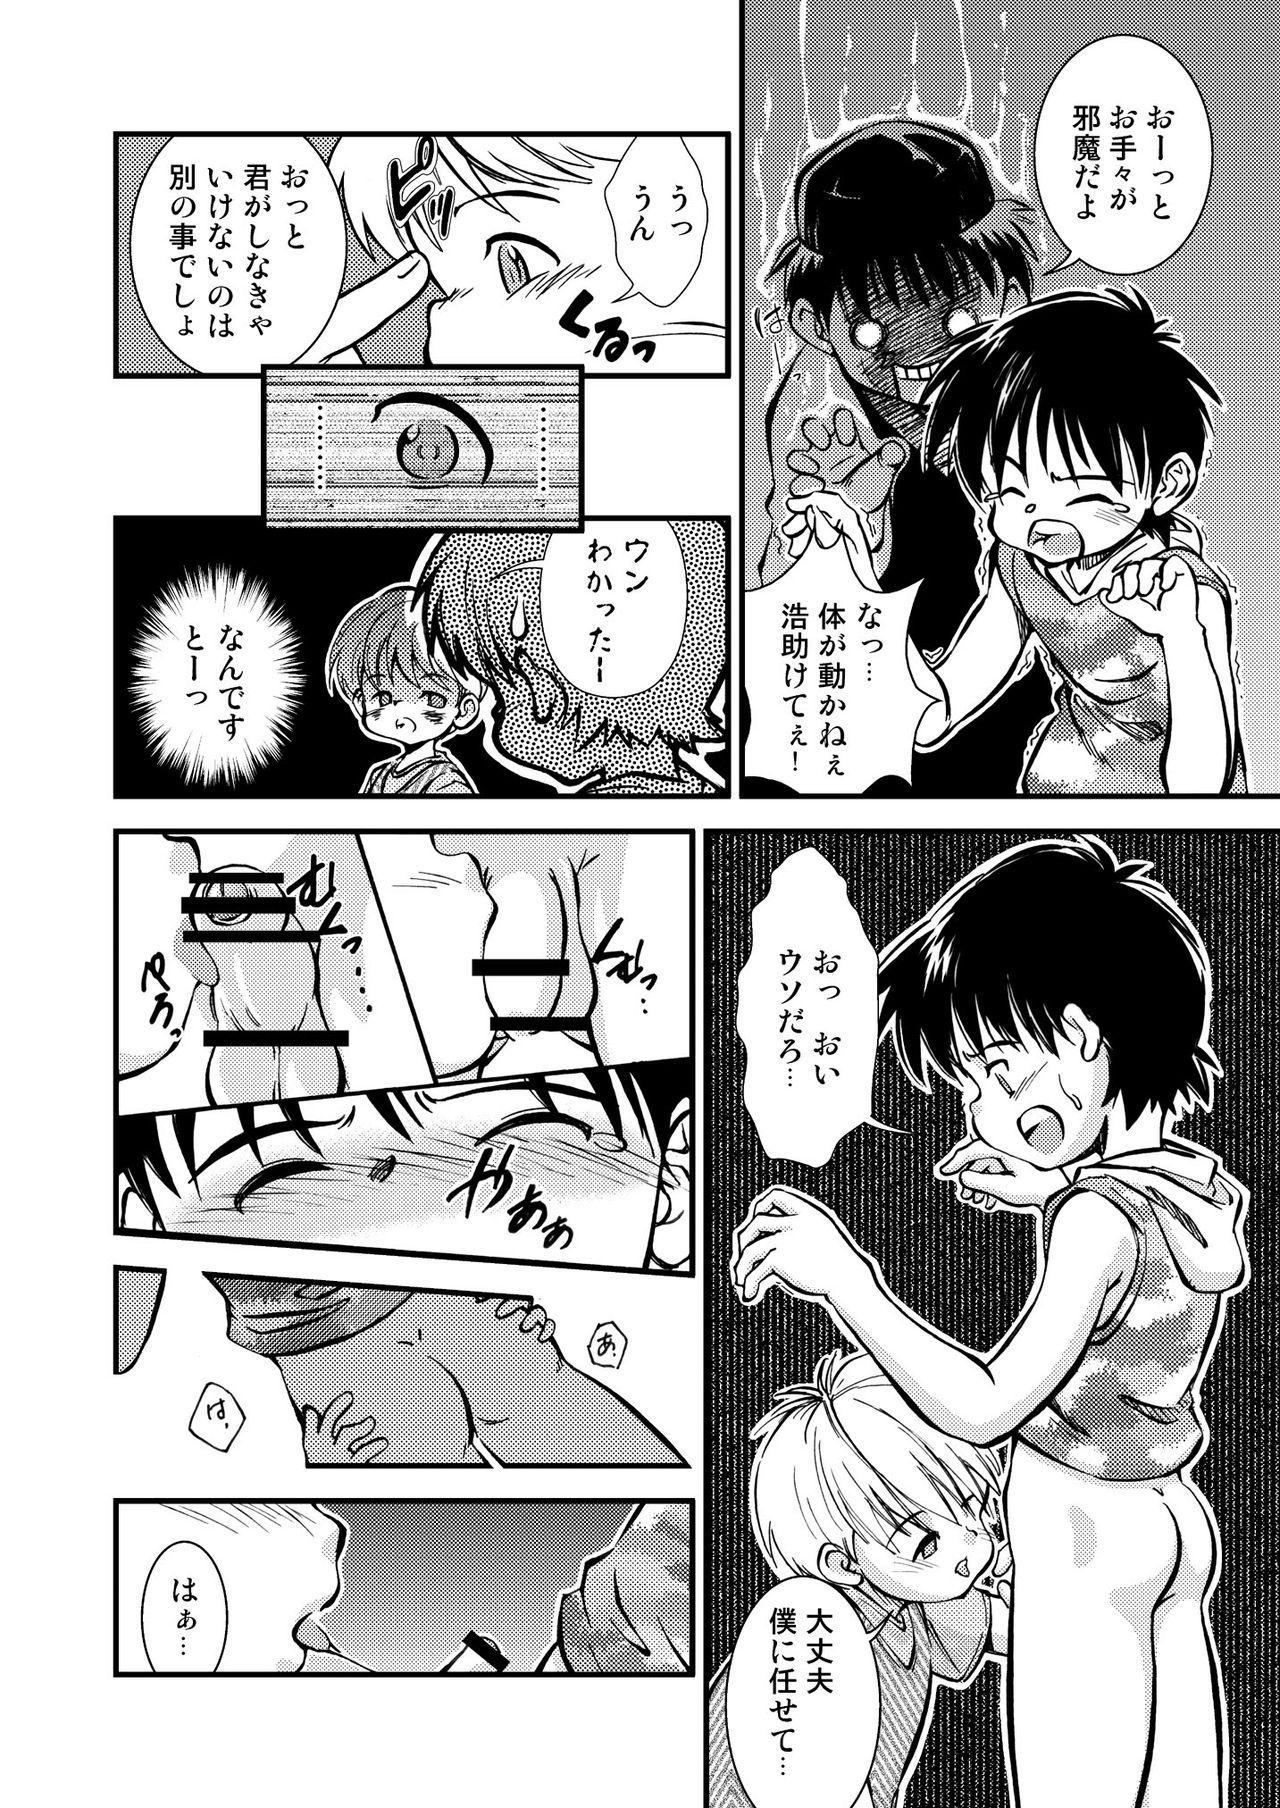 Shinjiru Koto kara Hajimeyou 8